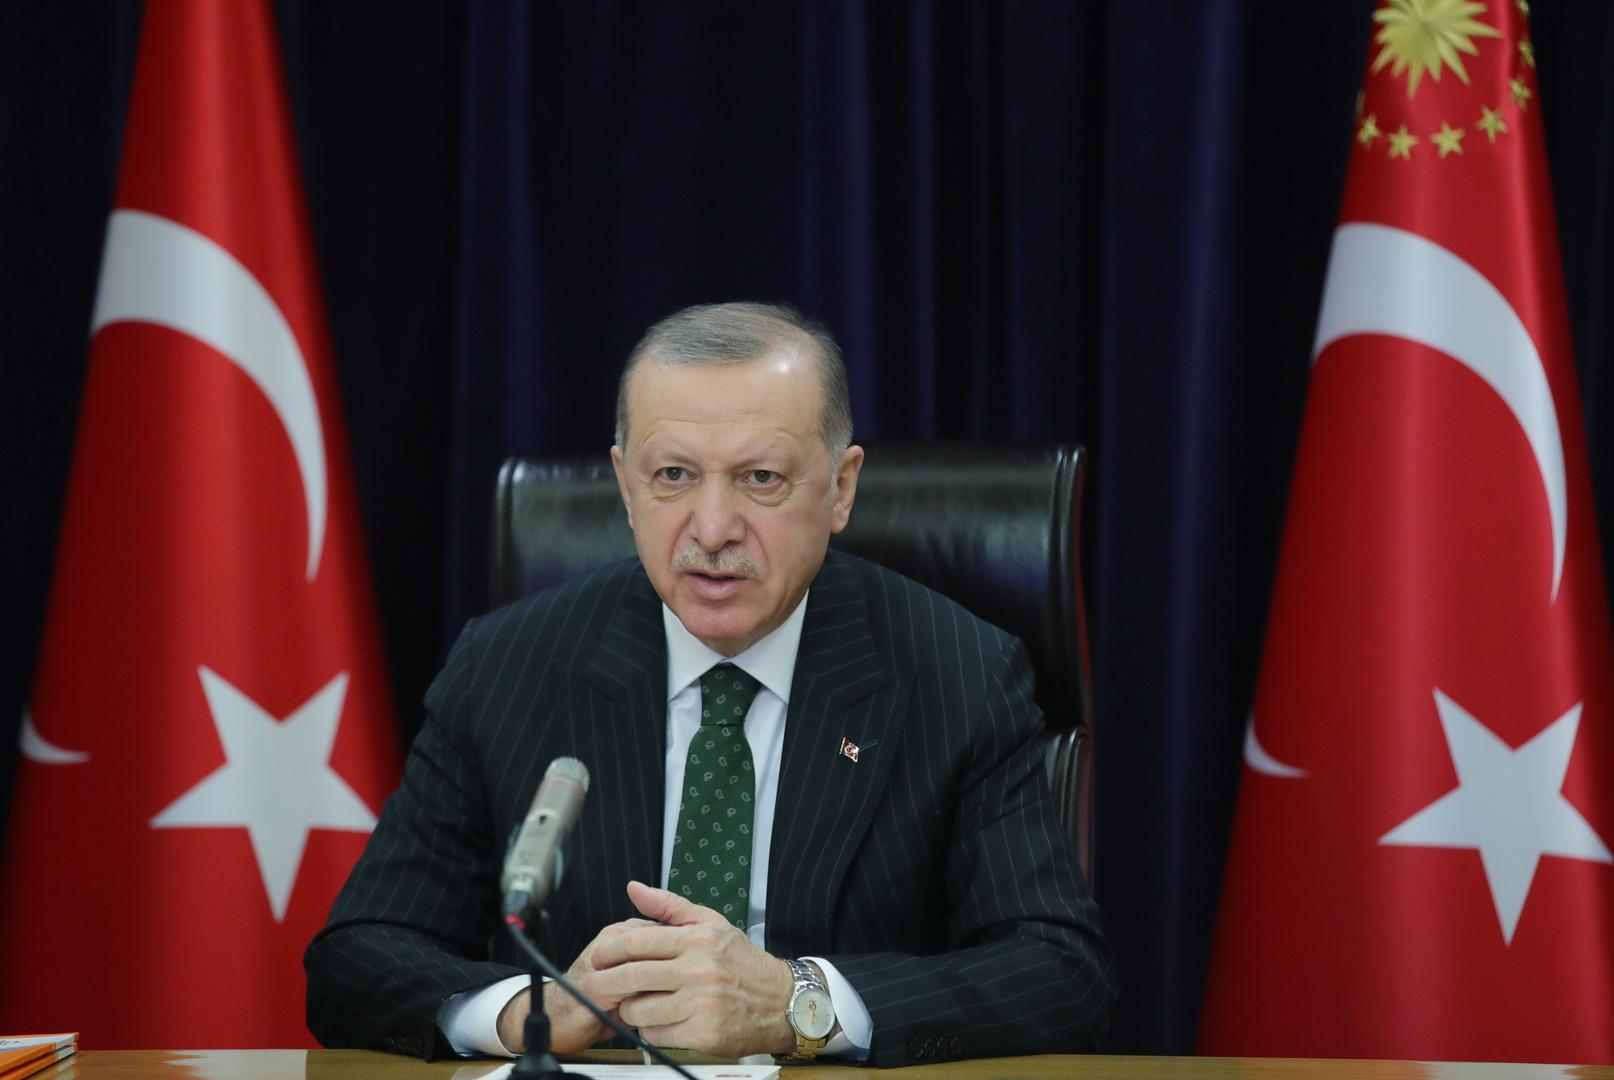 أردوغان: سنسعى لضمان اعتراف واسع بـ